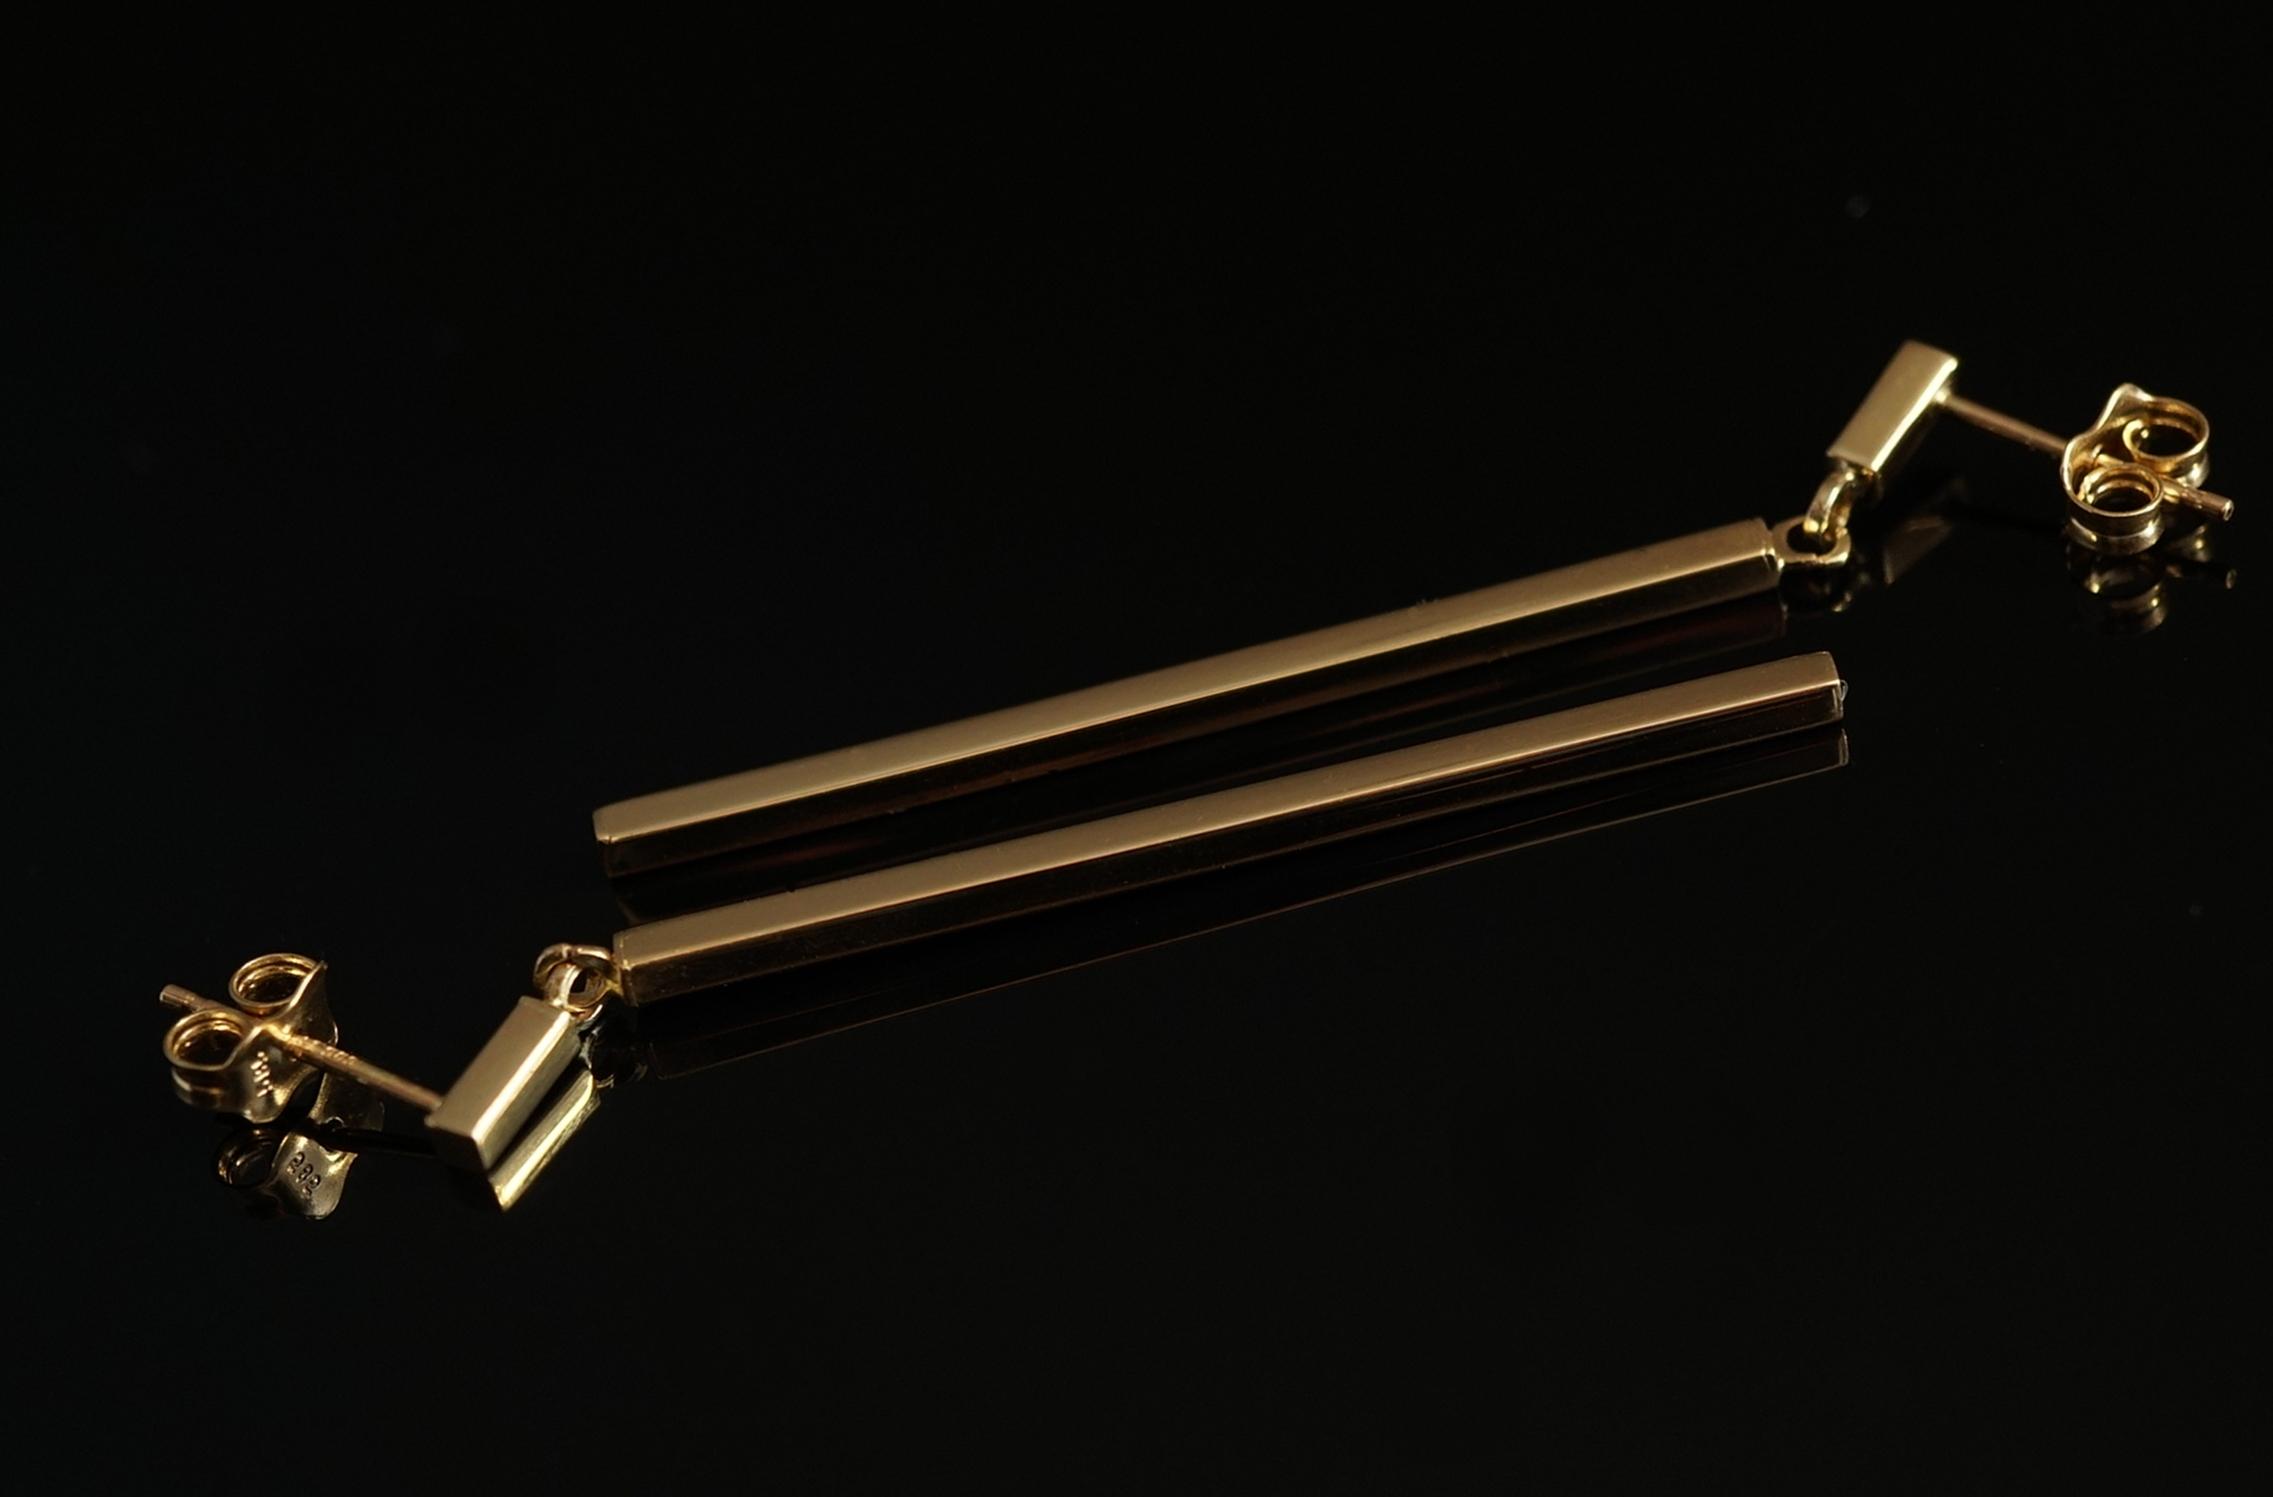 5f0b337d984f Złoto 585 - złote kolczyki długie wiszące. - 7535601694 - oficjalne ...